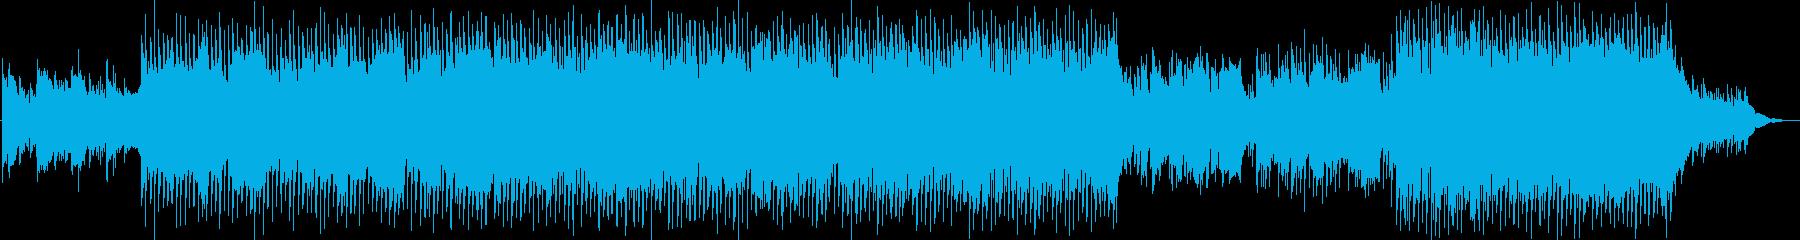 生演奏サックス企業VPオープニング爽やかの再生済みの波形